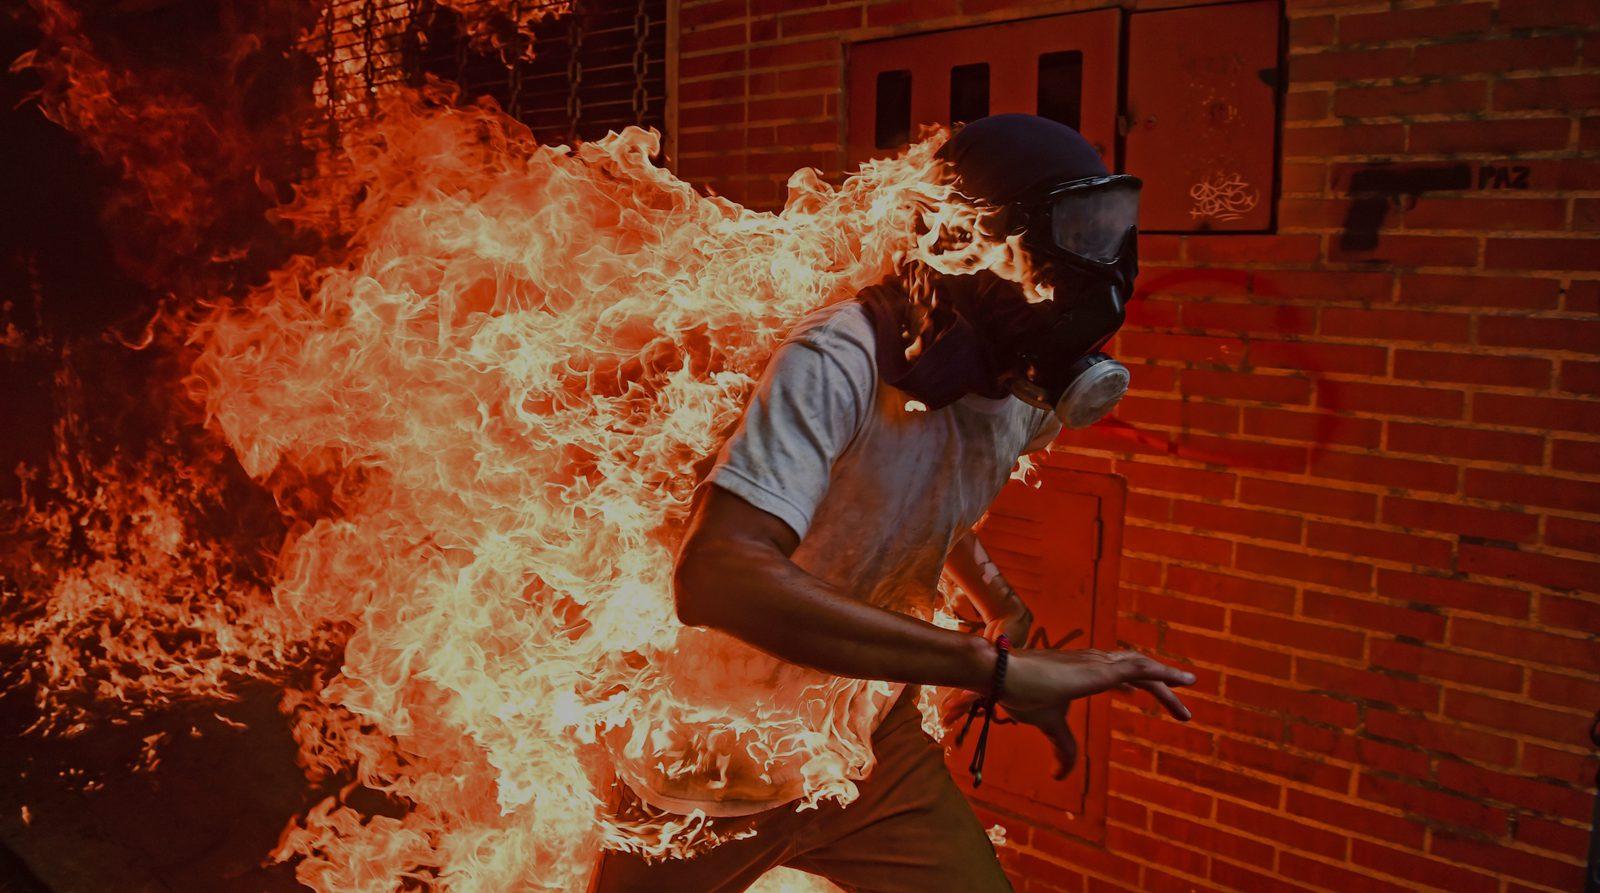 Comment une photographie est devenue le symbole de la crise qui consume le Venezuela